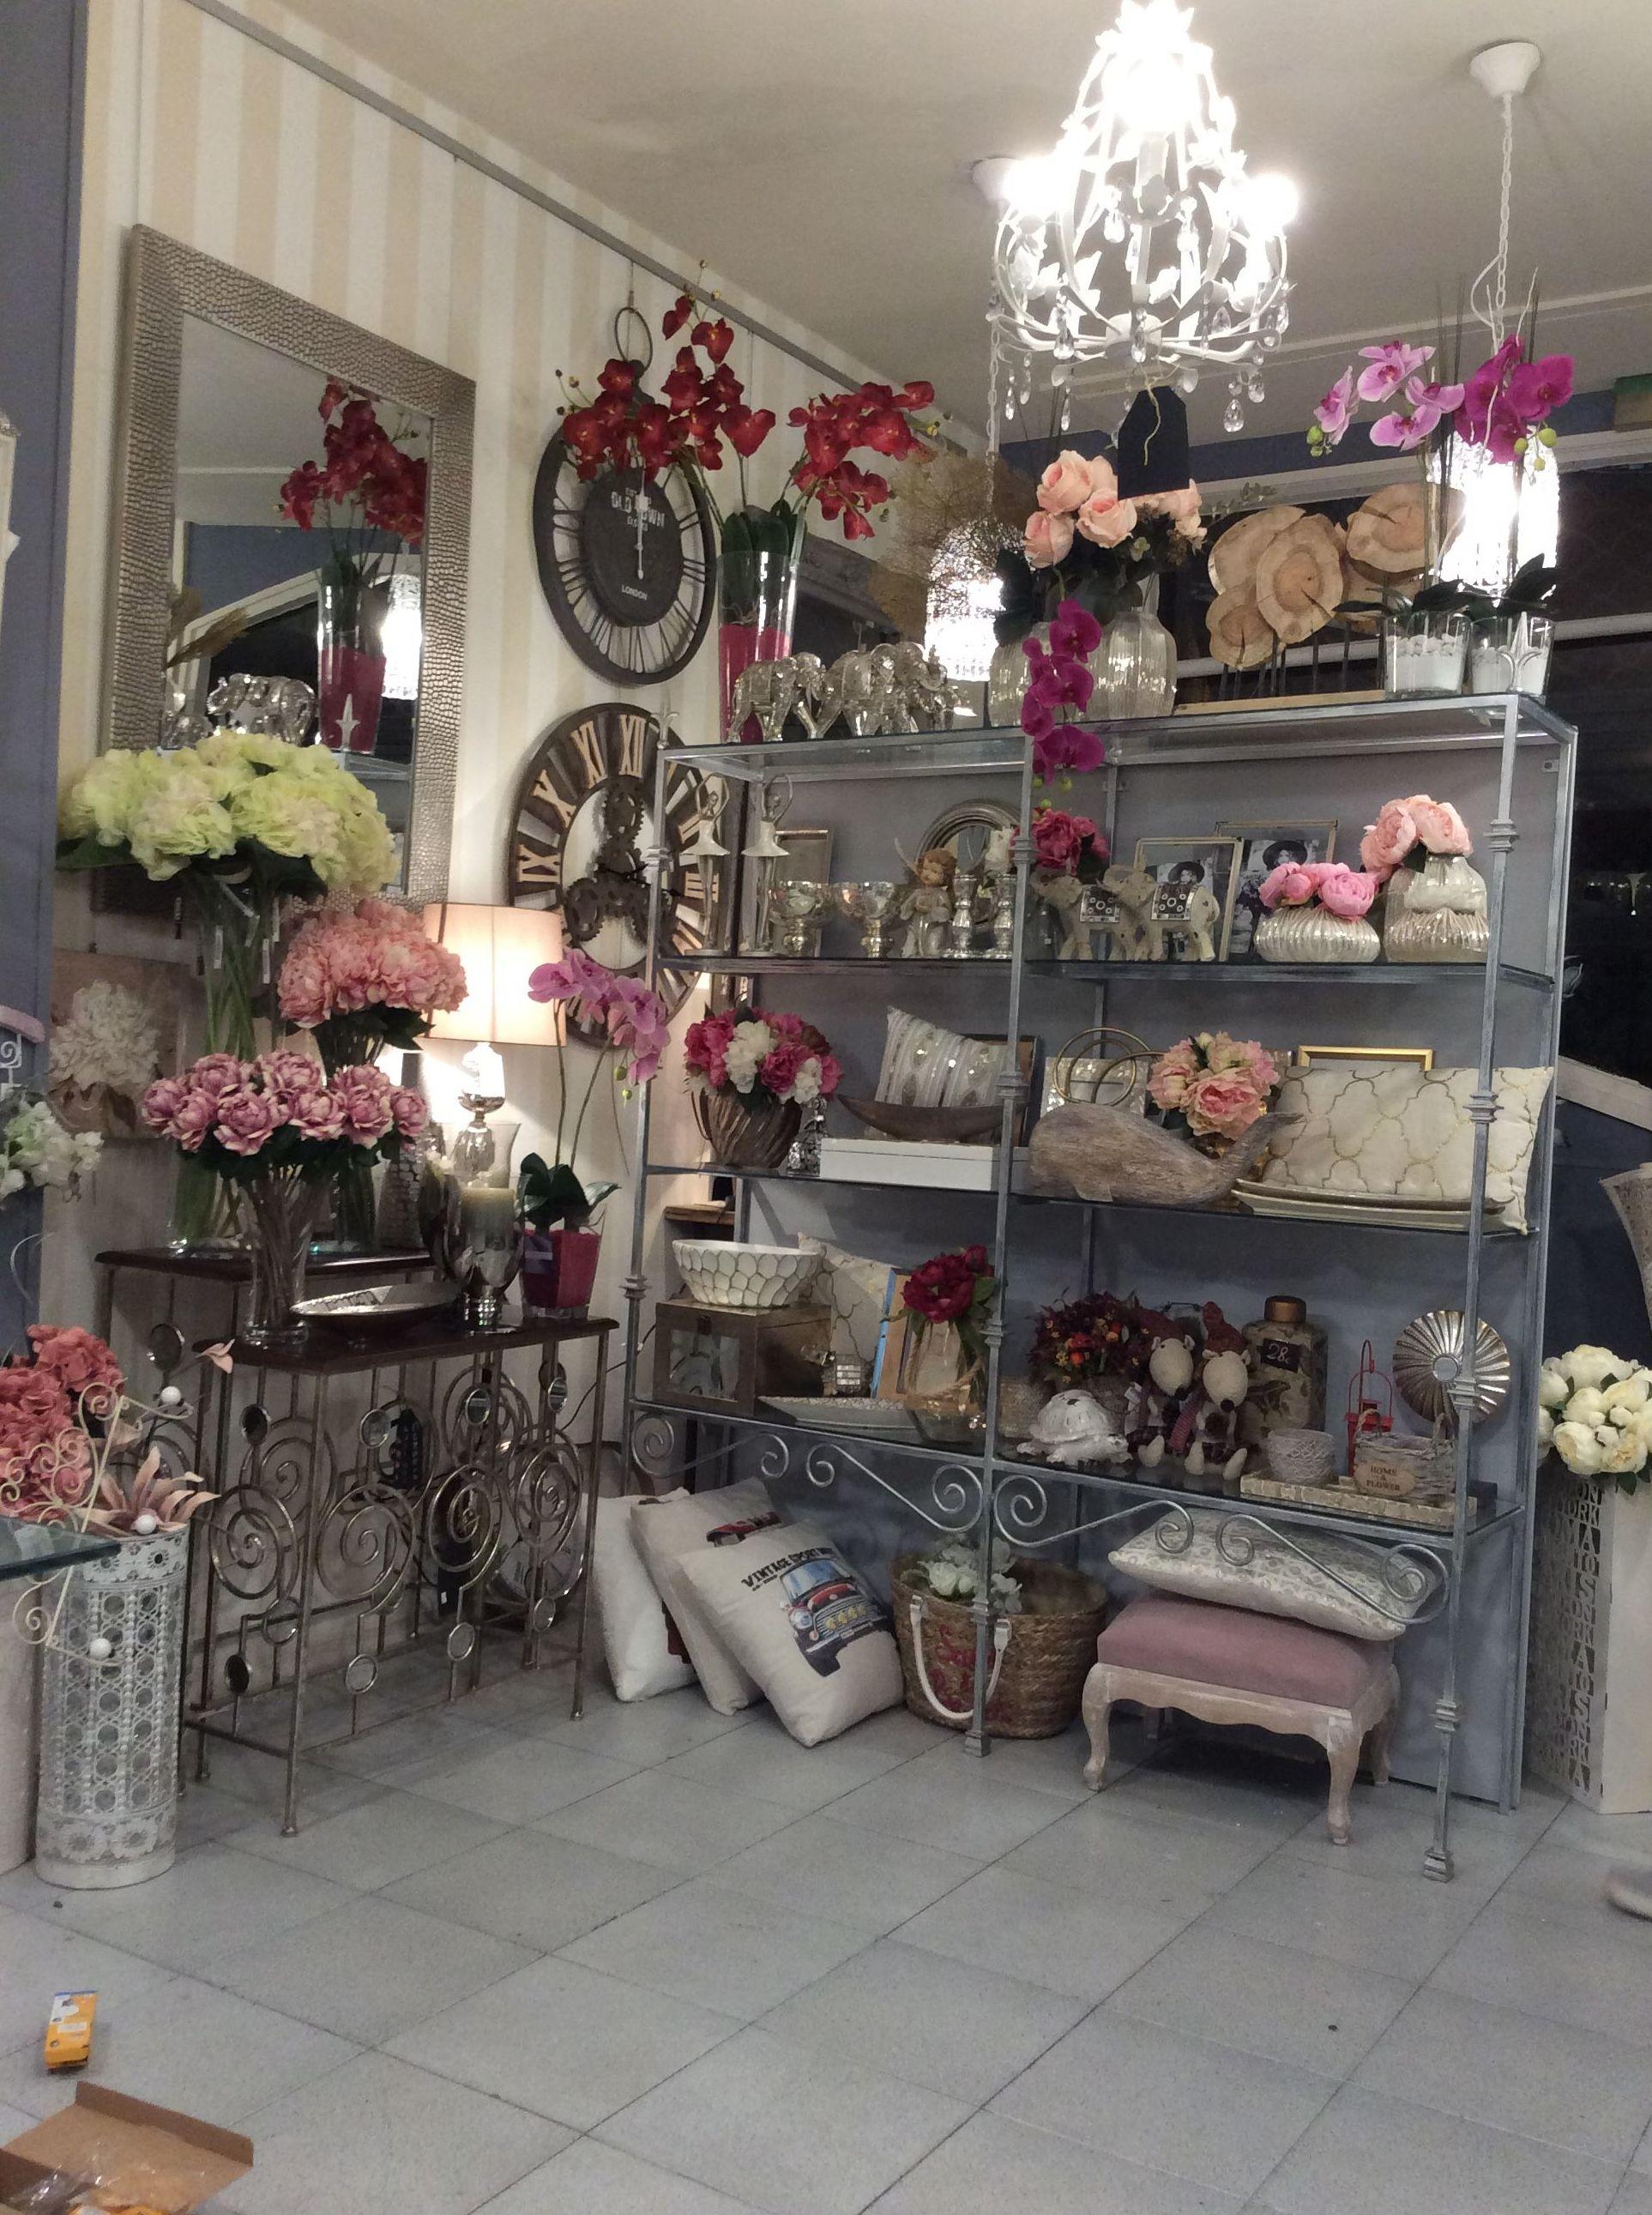 decoración de estilo romántico, con colores pasteles y flores secas